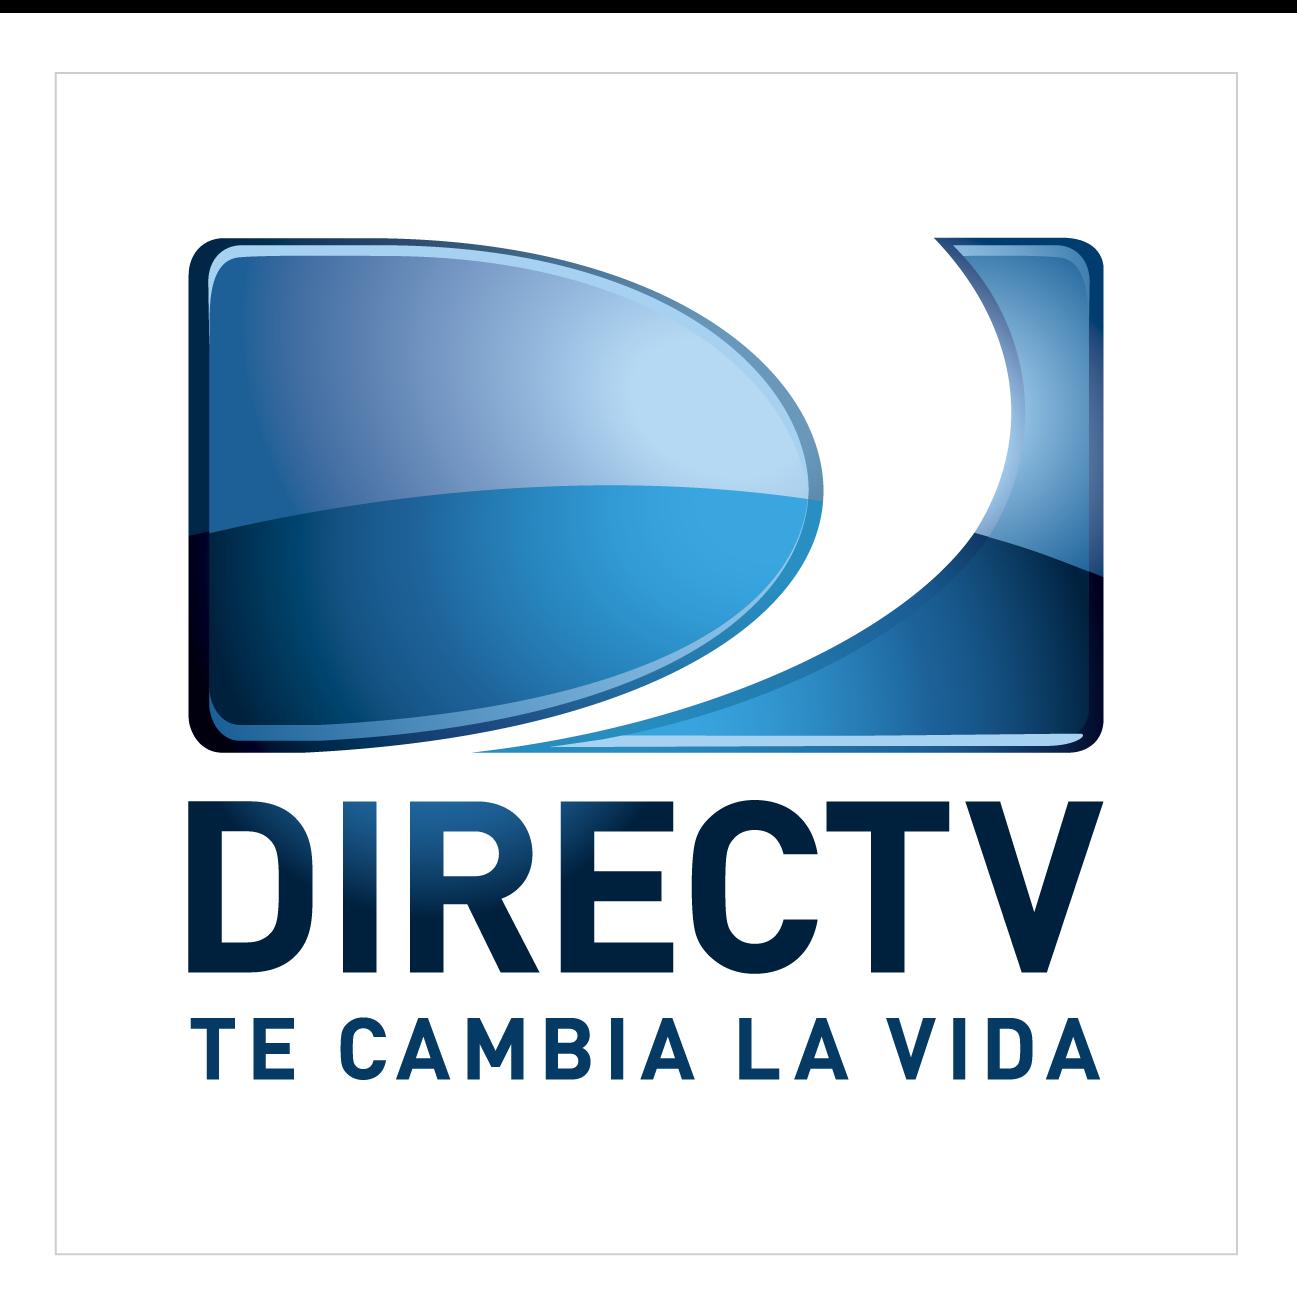 Logo 001 DirecTv.png